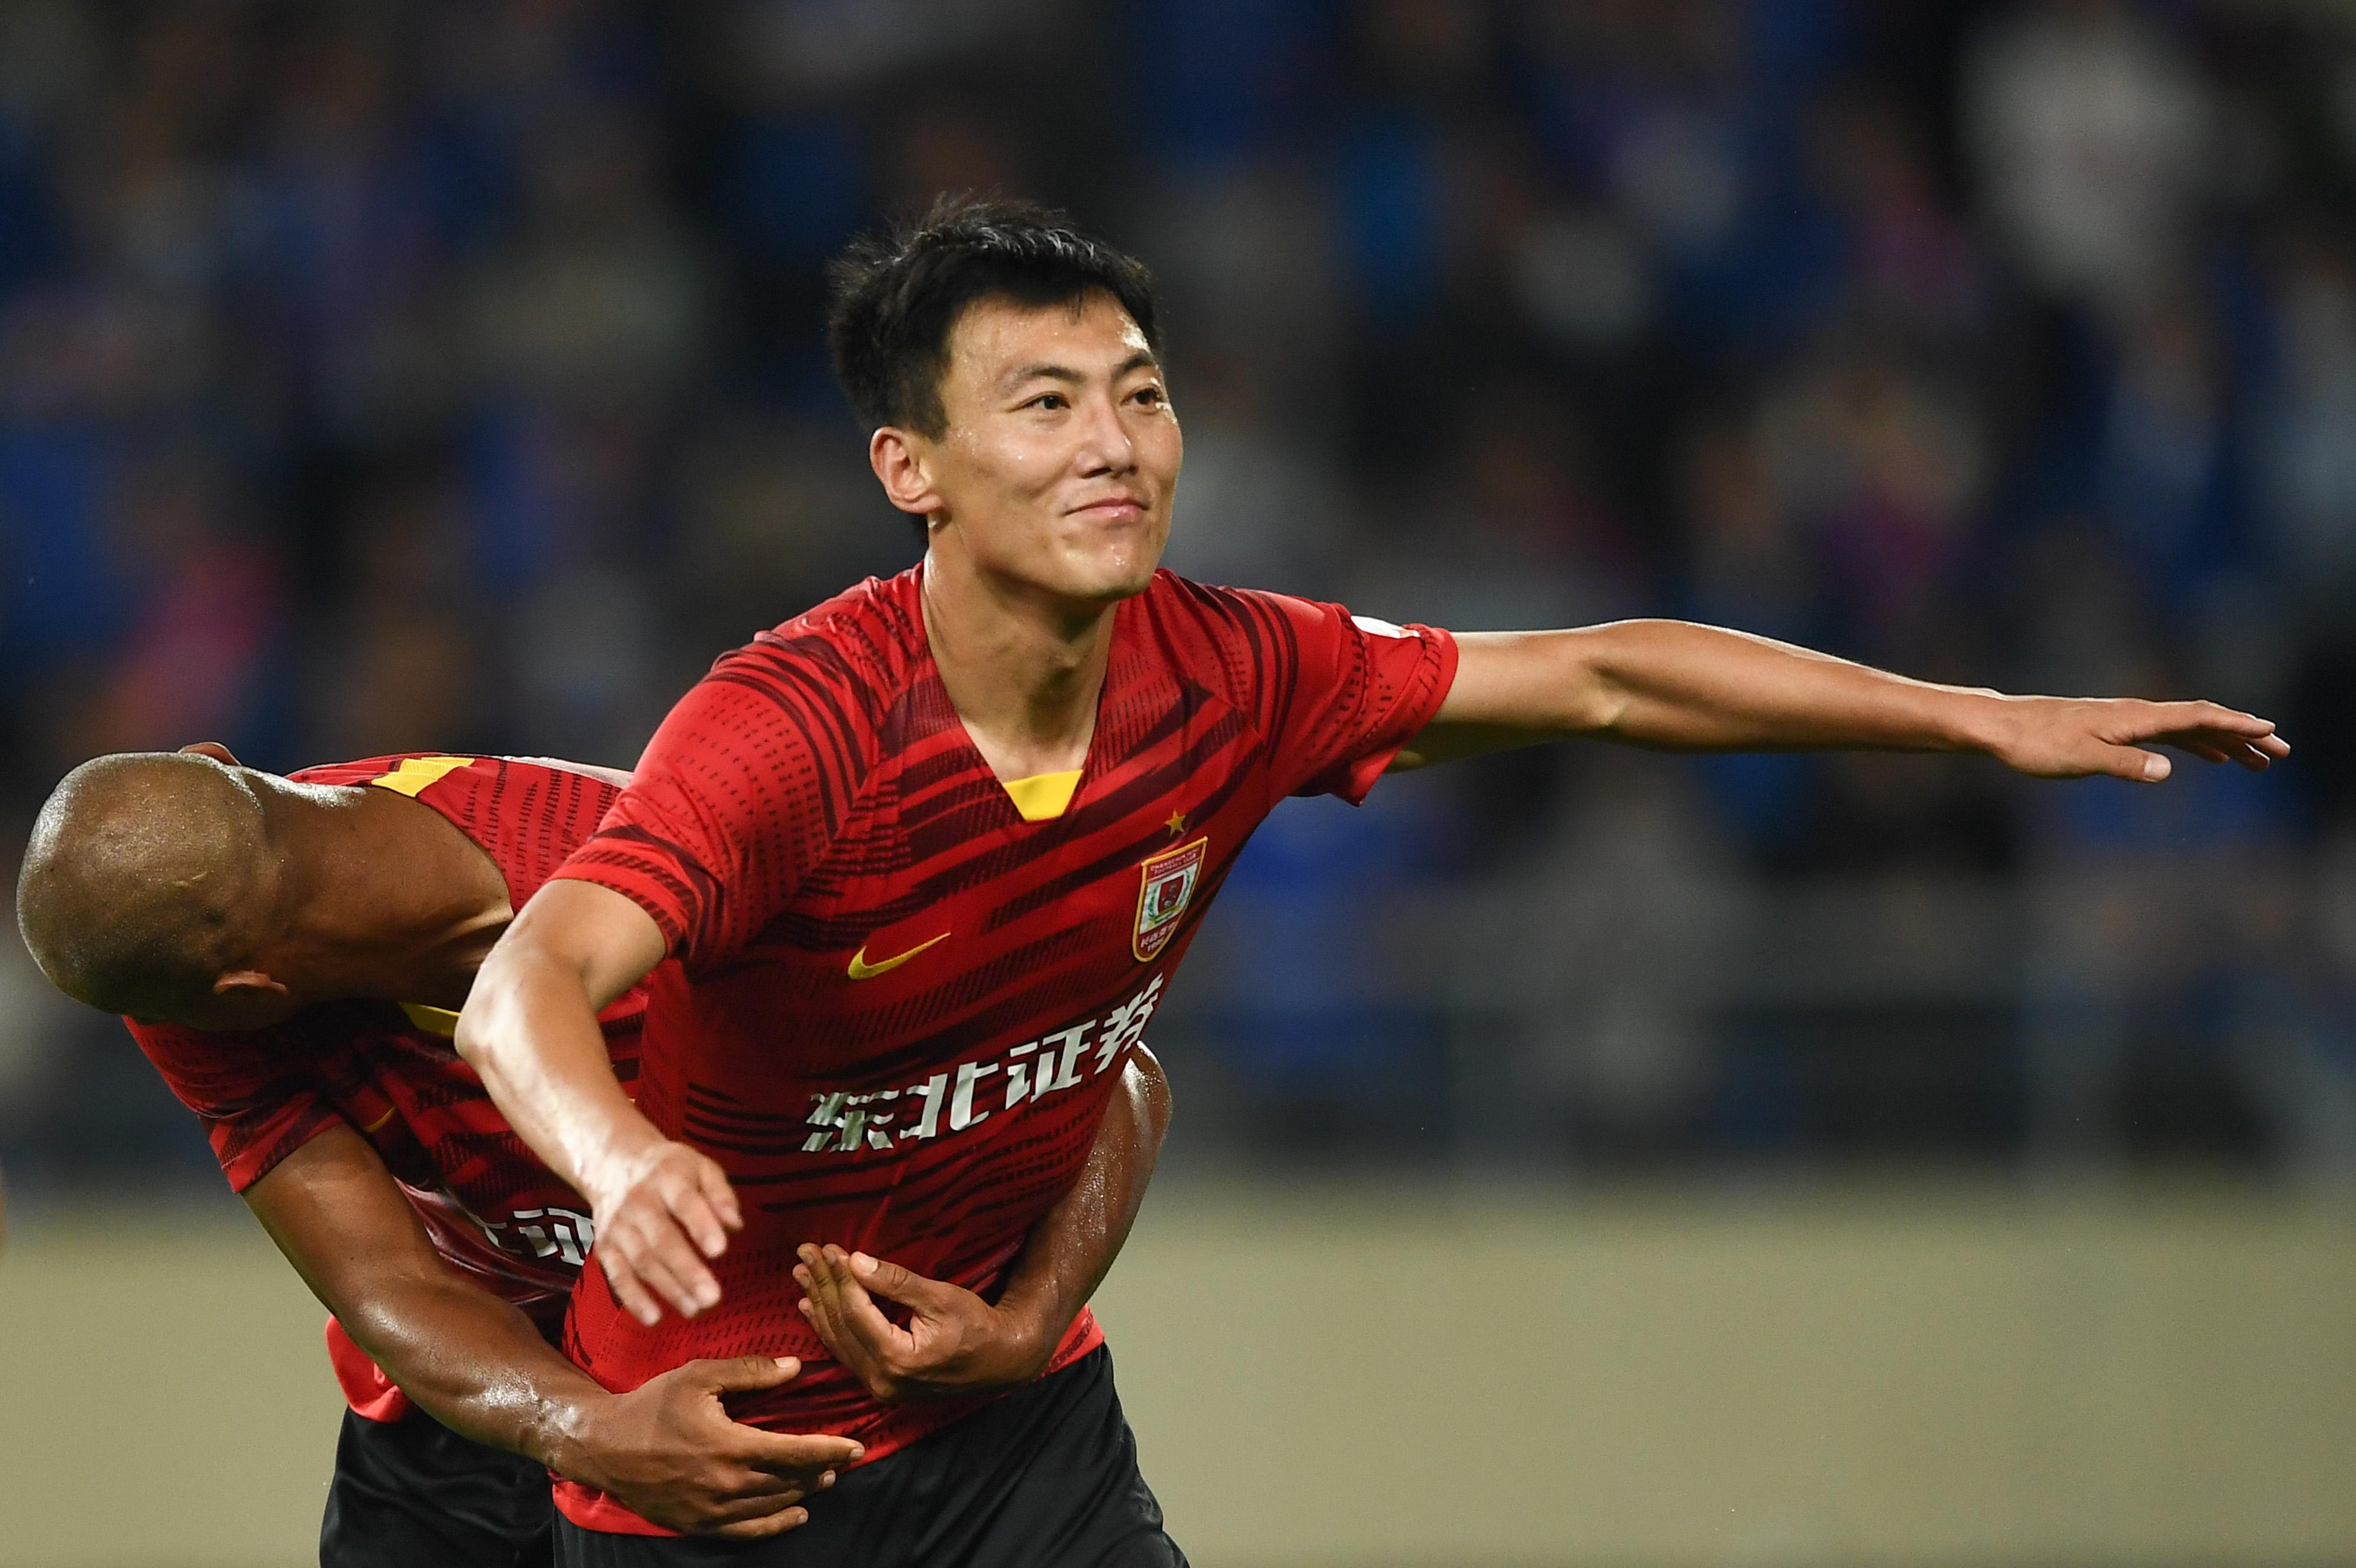 石笑天击倒莫雷诺引争议王鹏破门致胜,亚泰1-0申花五轮不败